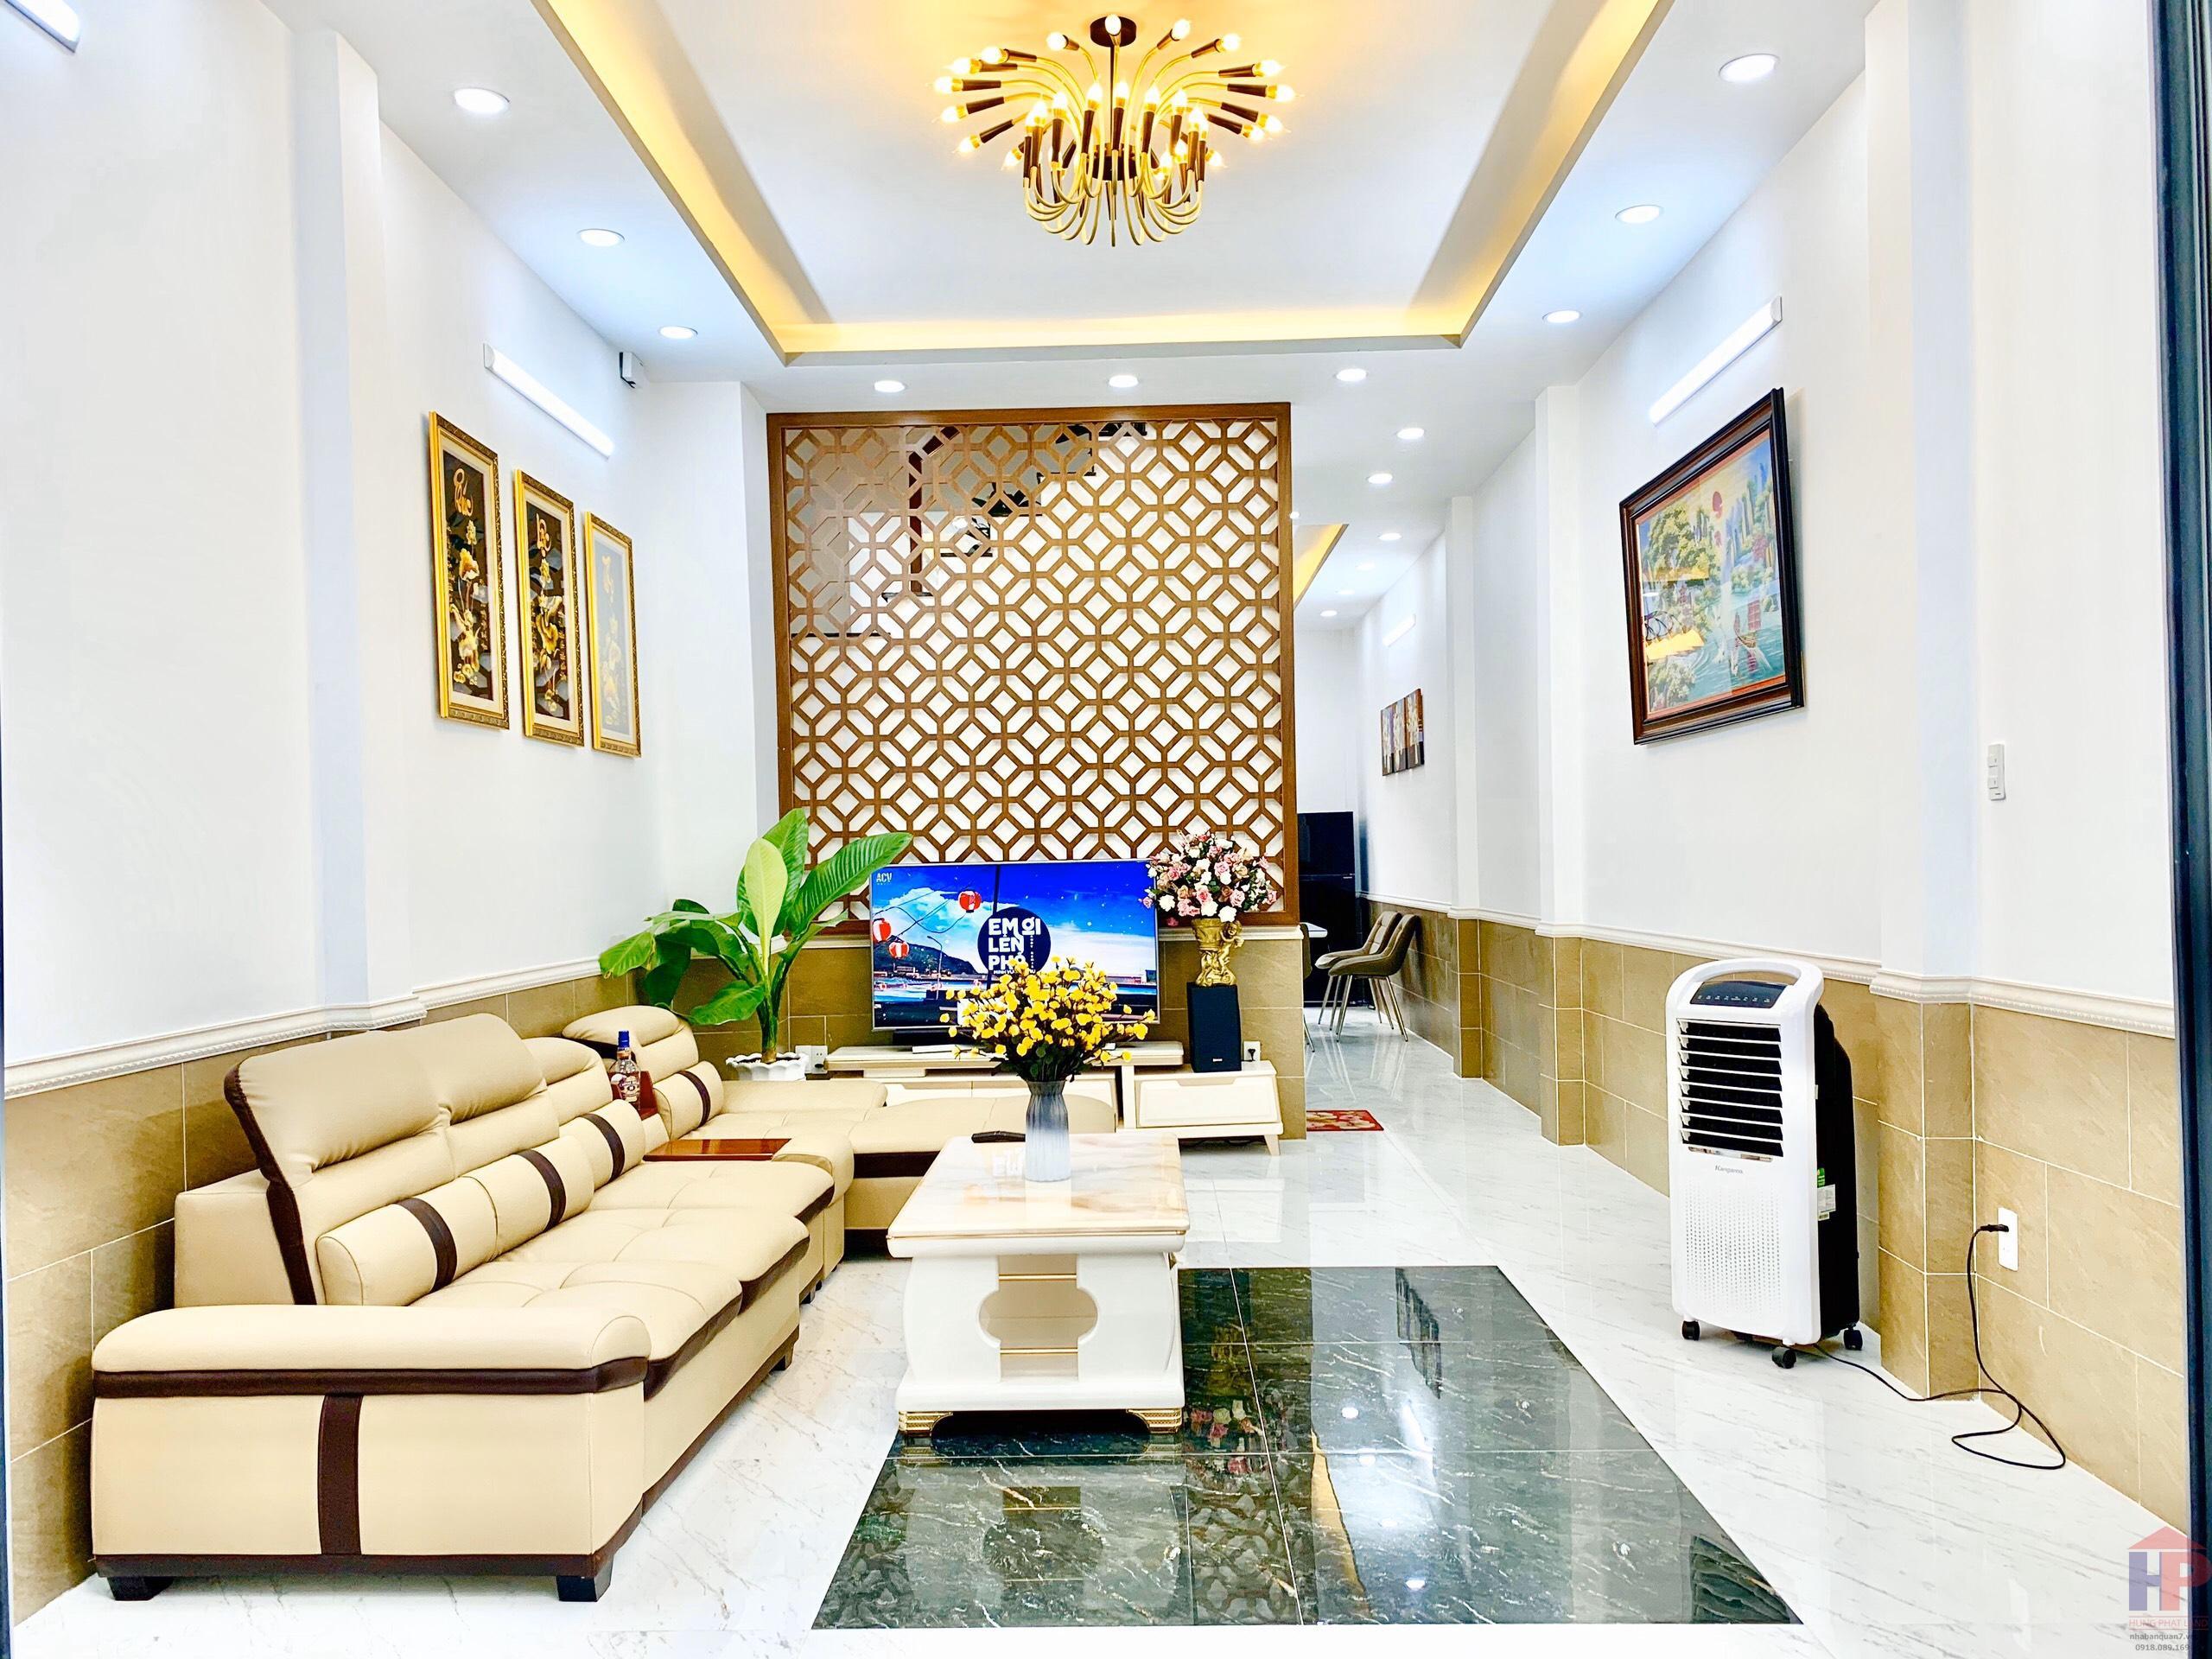 Bán nhà hẻm 98 Bùi Văn Ba Quận 7, 1 trệt – 2 lầu, DT 4.1x16m, giá 5.35 tỷ